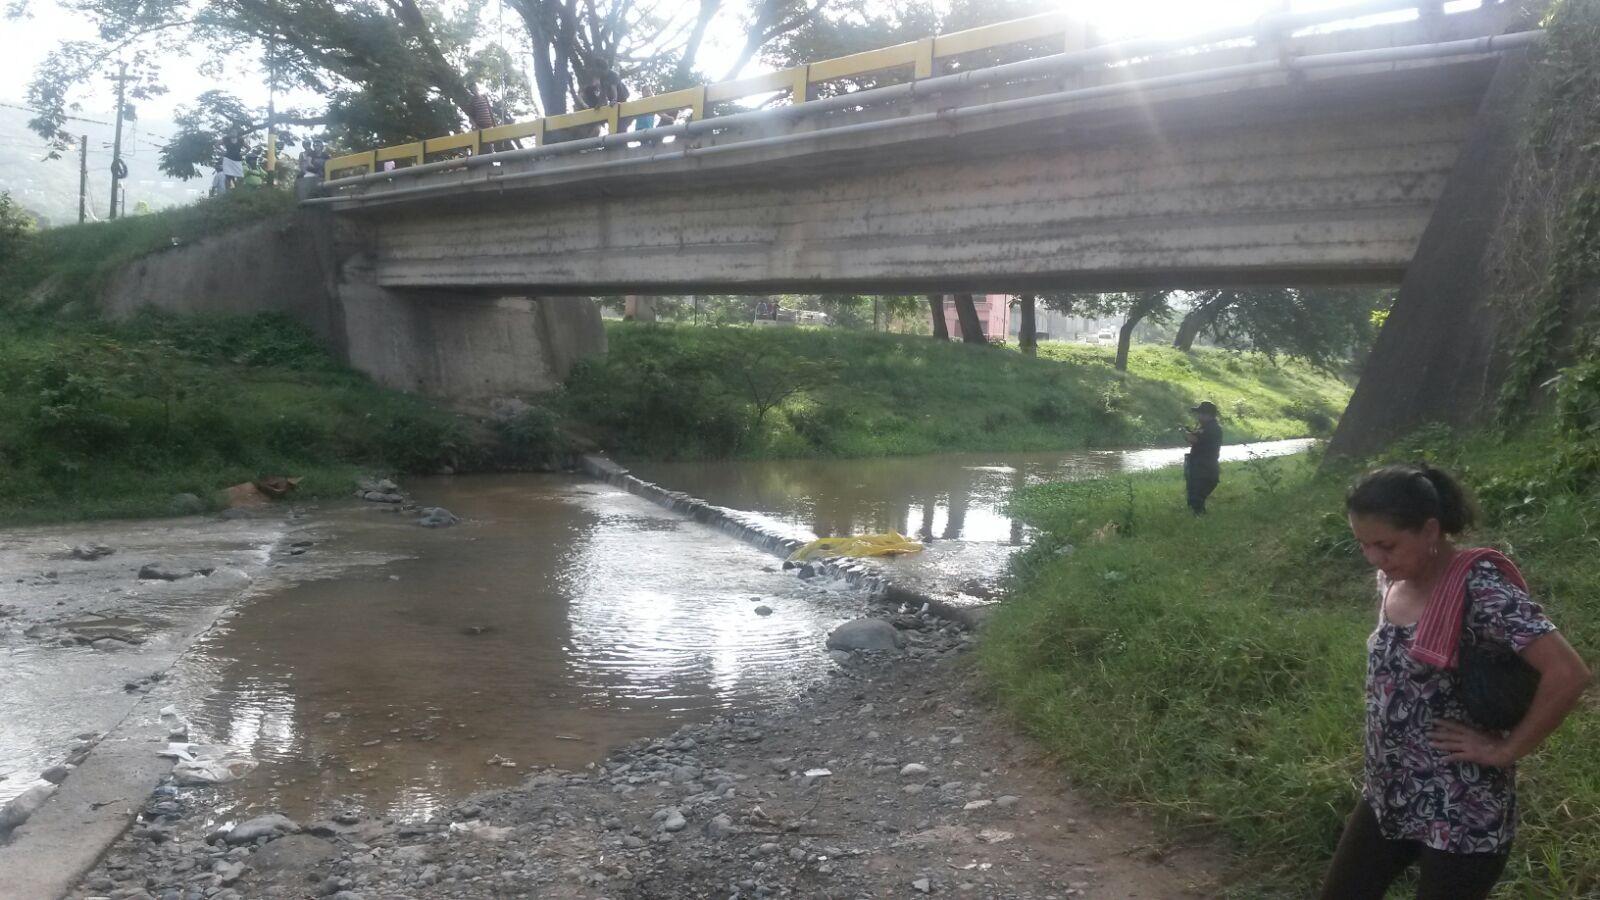 Honduras: La encuentran muerta y desnuda debajo de un puente